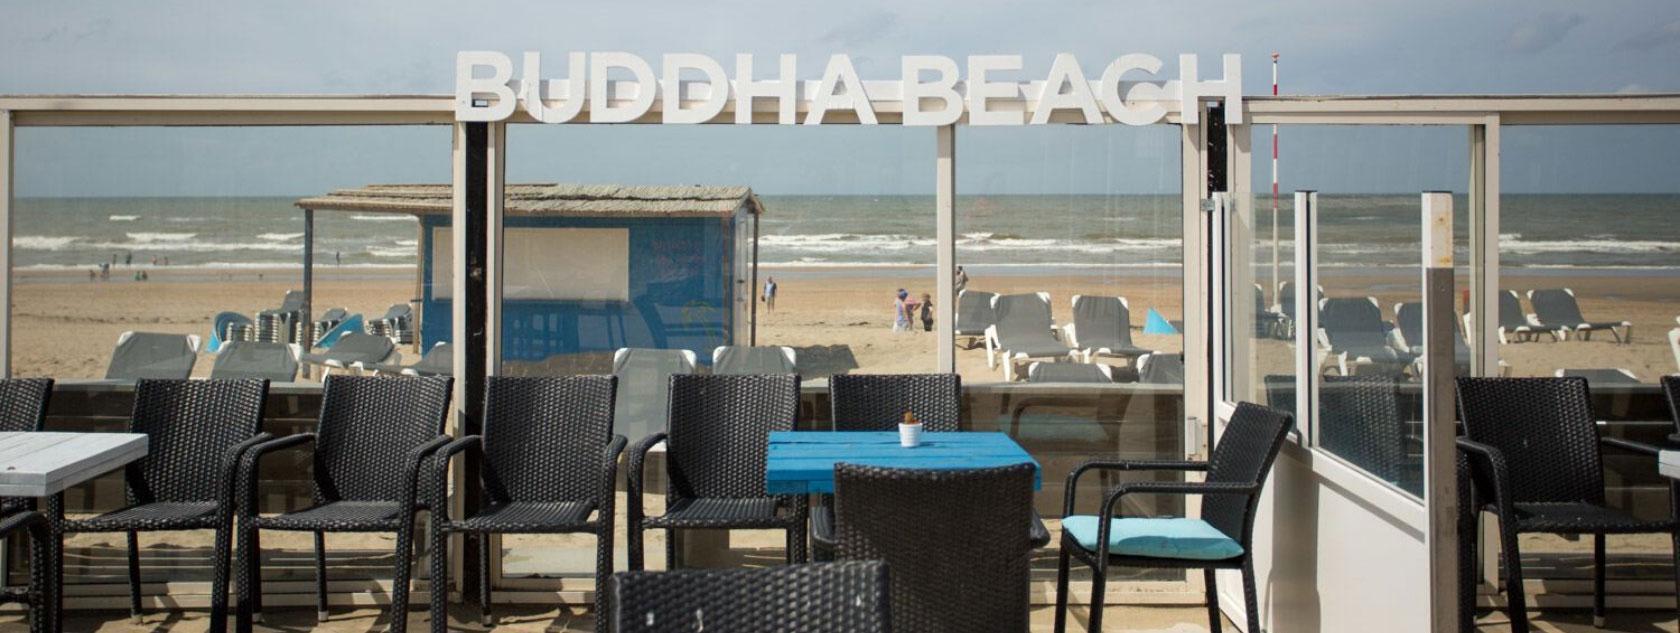 Buddha Beach Strandtent Zandvoort Beachforamsterdam